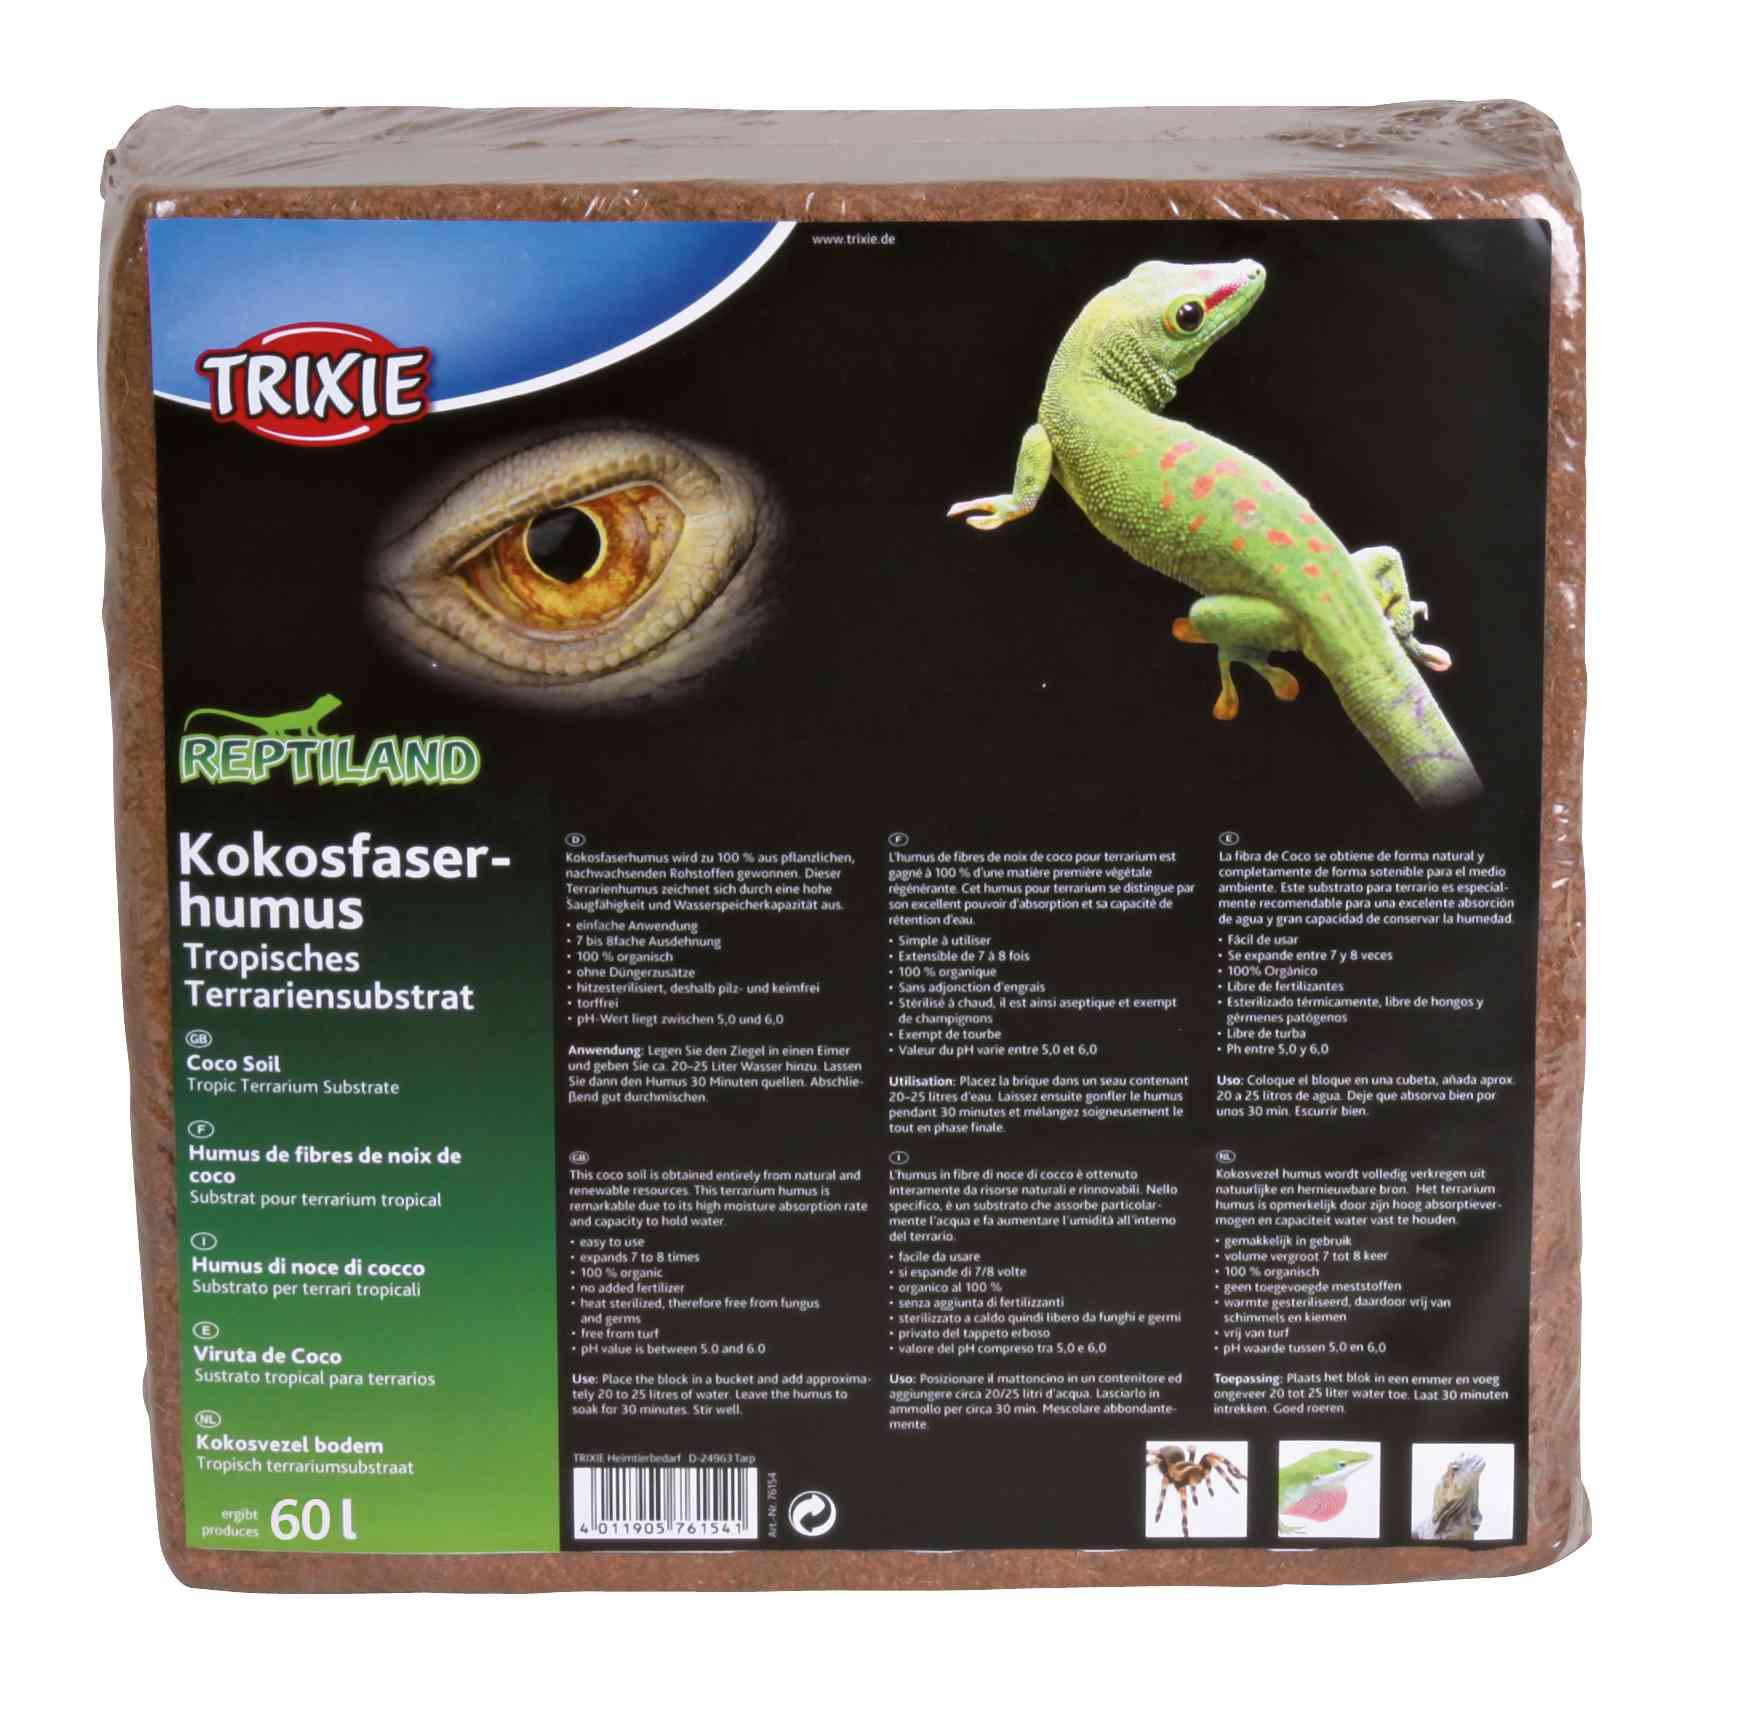 TRIXIE Kokosfaserhumus TRIXIE Kokosfaserhumus, Substrat, gepresst, ergibt 60 l